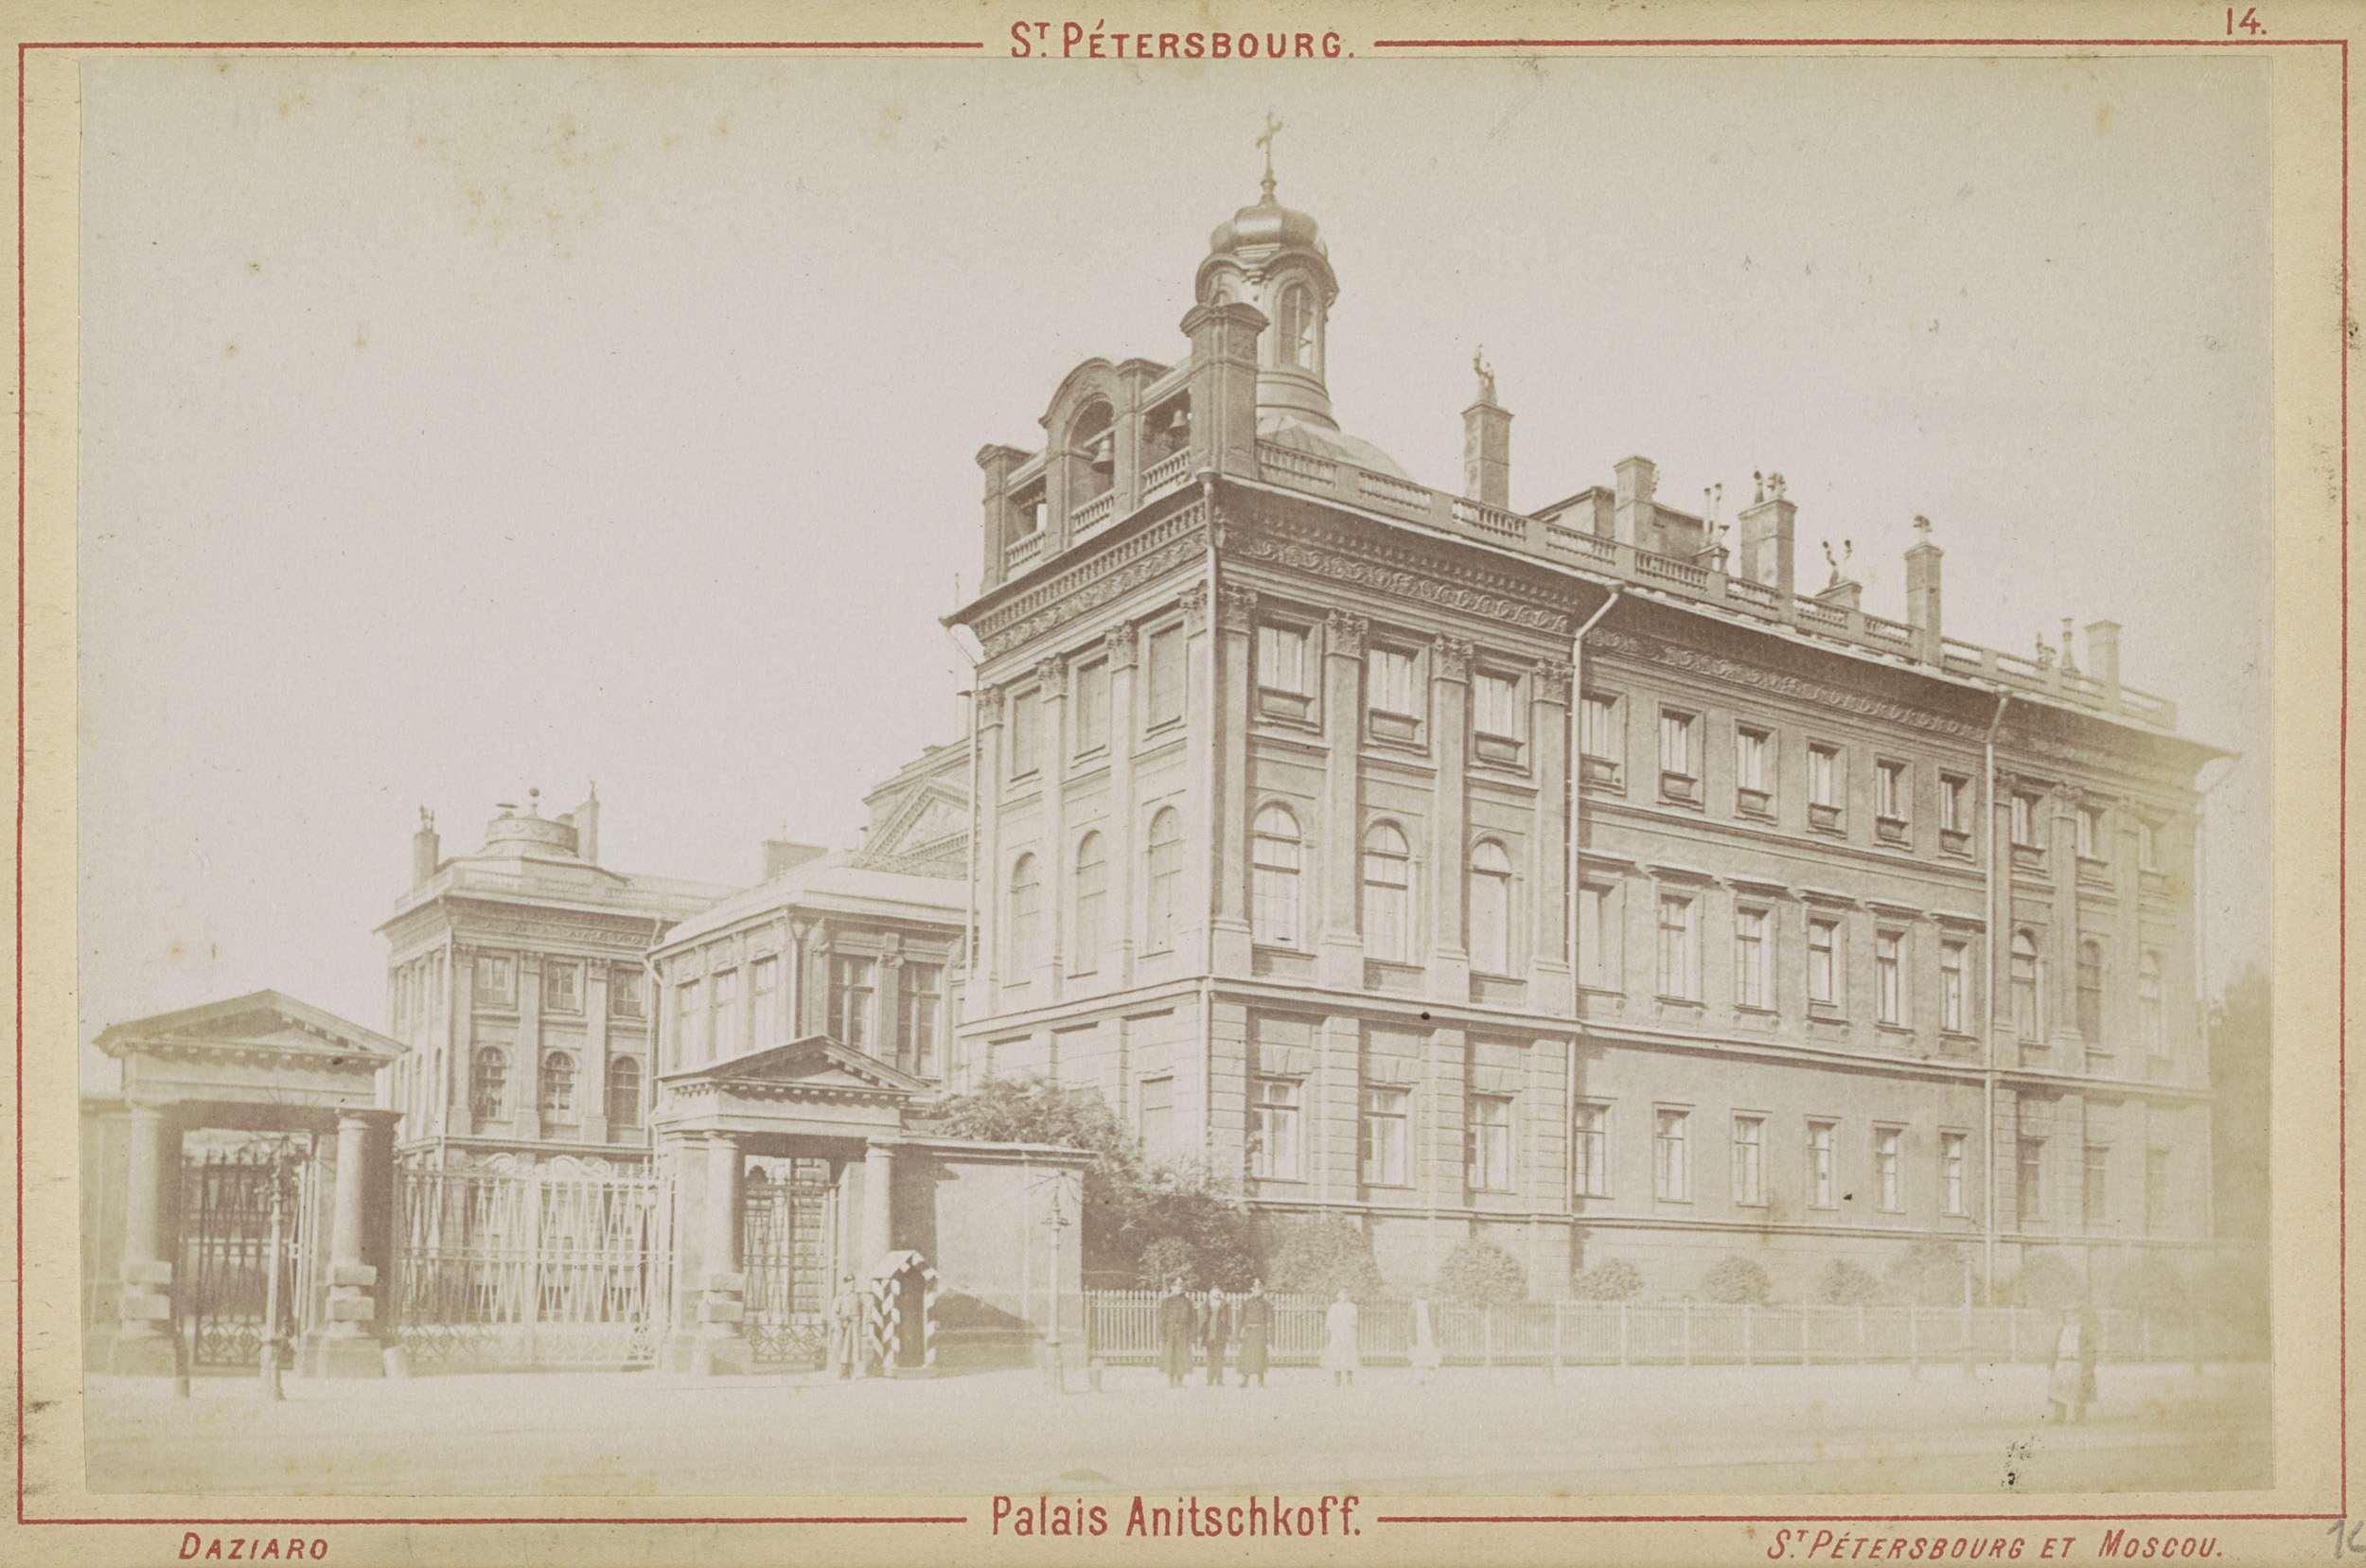 Onderdeel van Leporelloalbum met opnames van Sint-Petersburg.